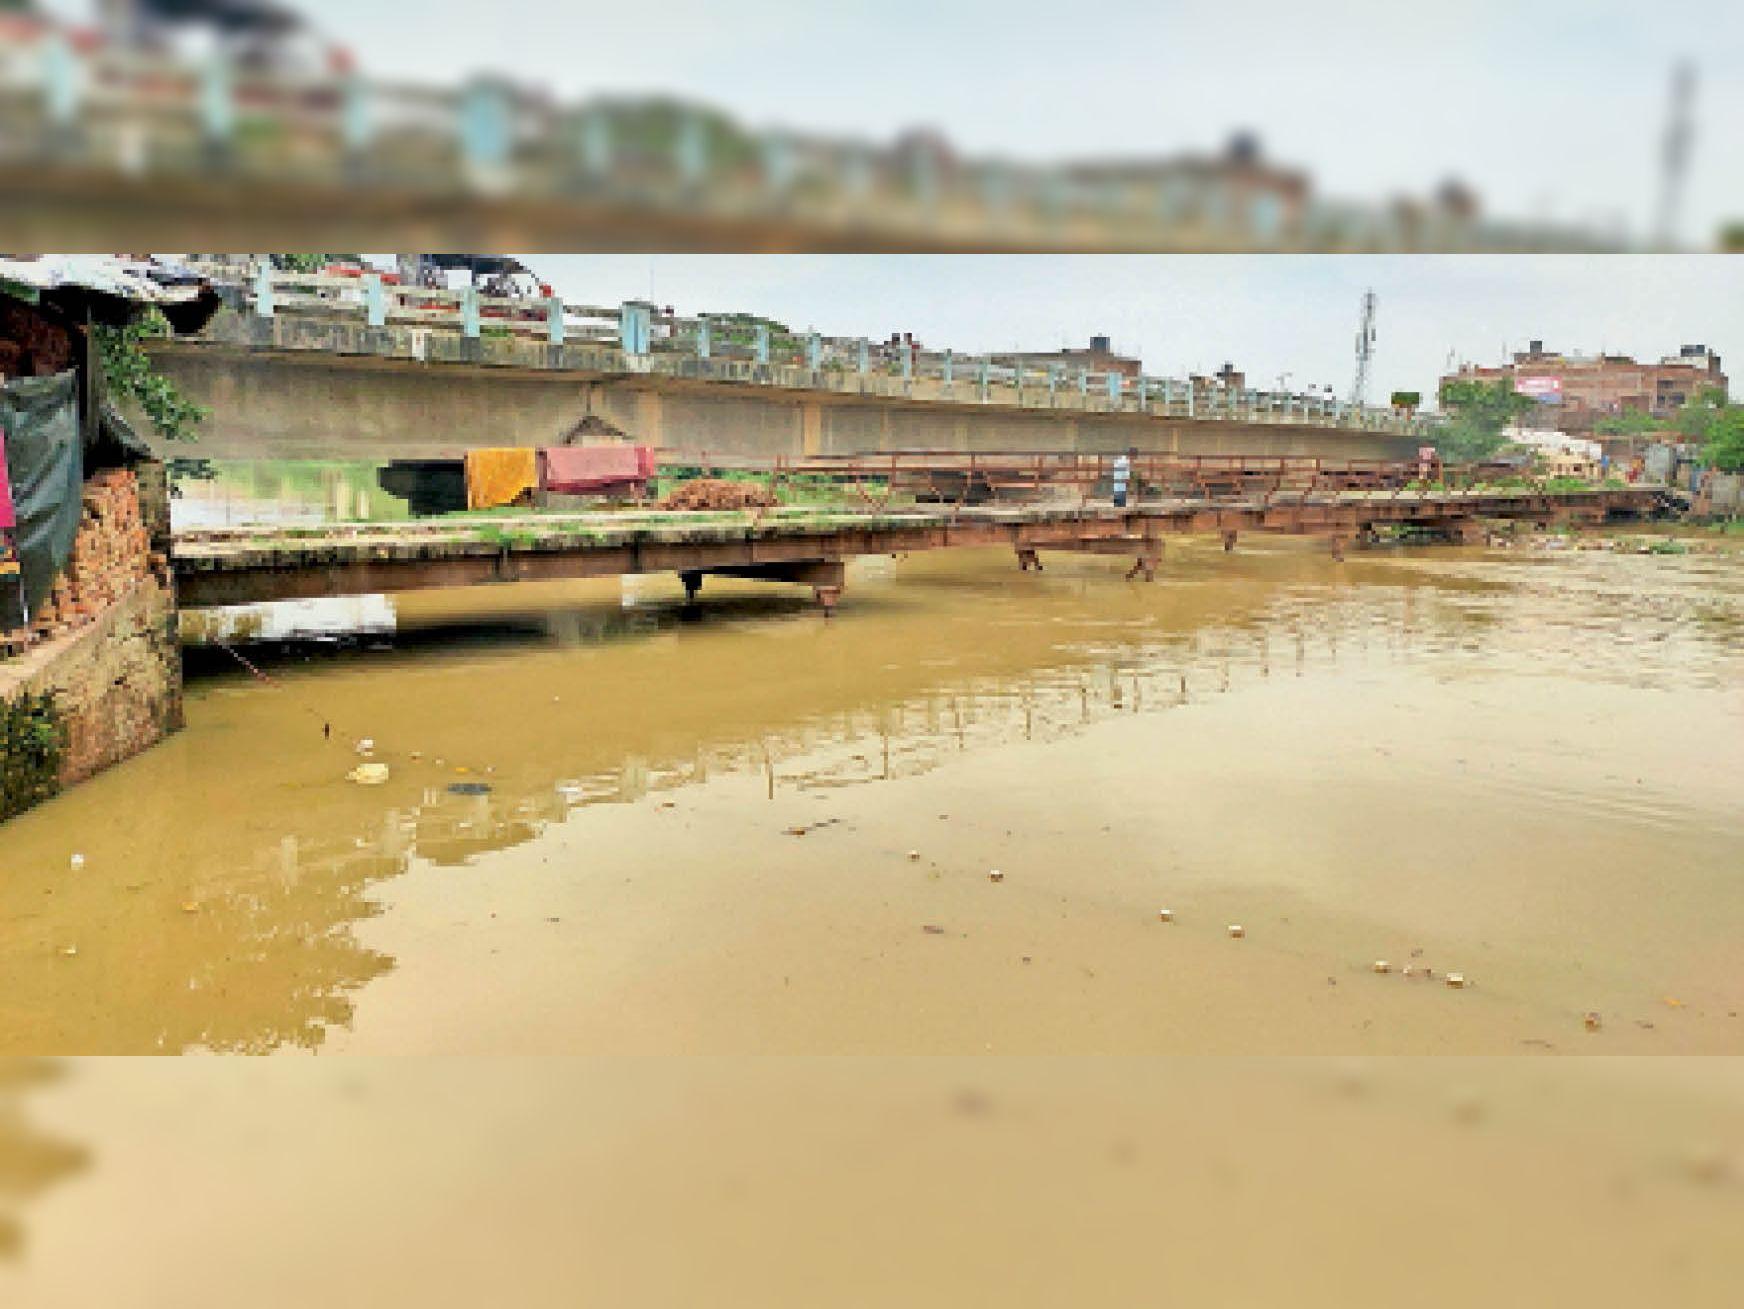 शहर के किलाघाट के पुराना पुल के करीब पहुंचा बागमती नदी का पानी। मोहल्ले में भी पहुंचने की जताई जा रही संभावना। - Dainik Bhaskar